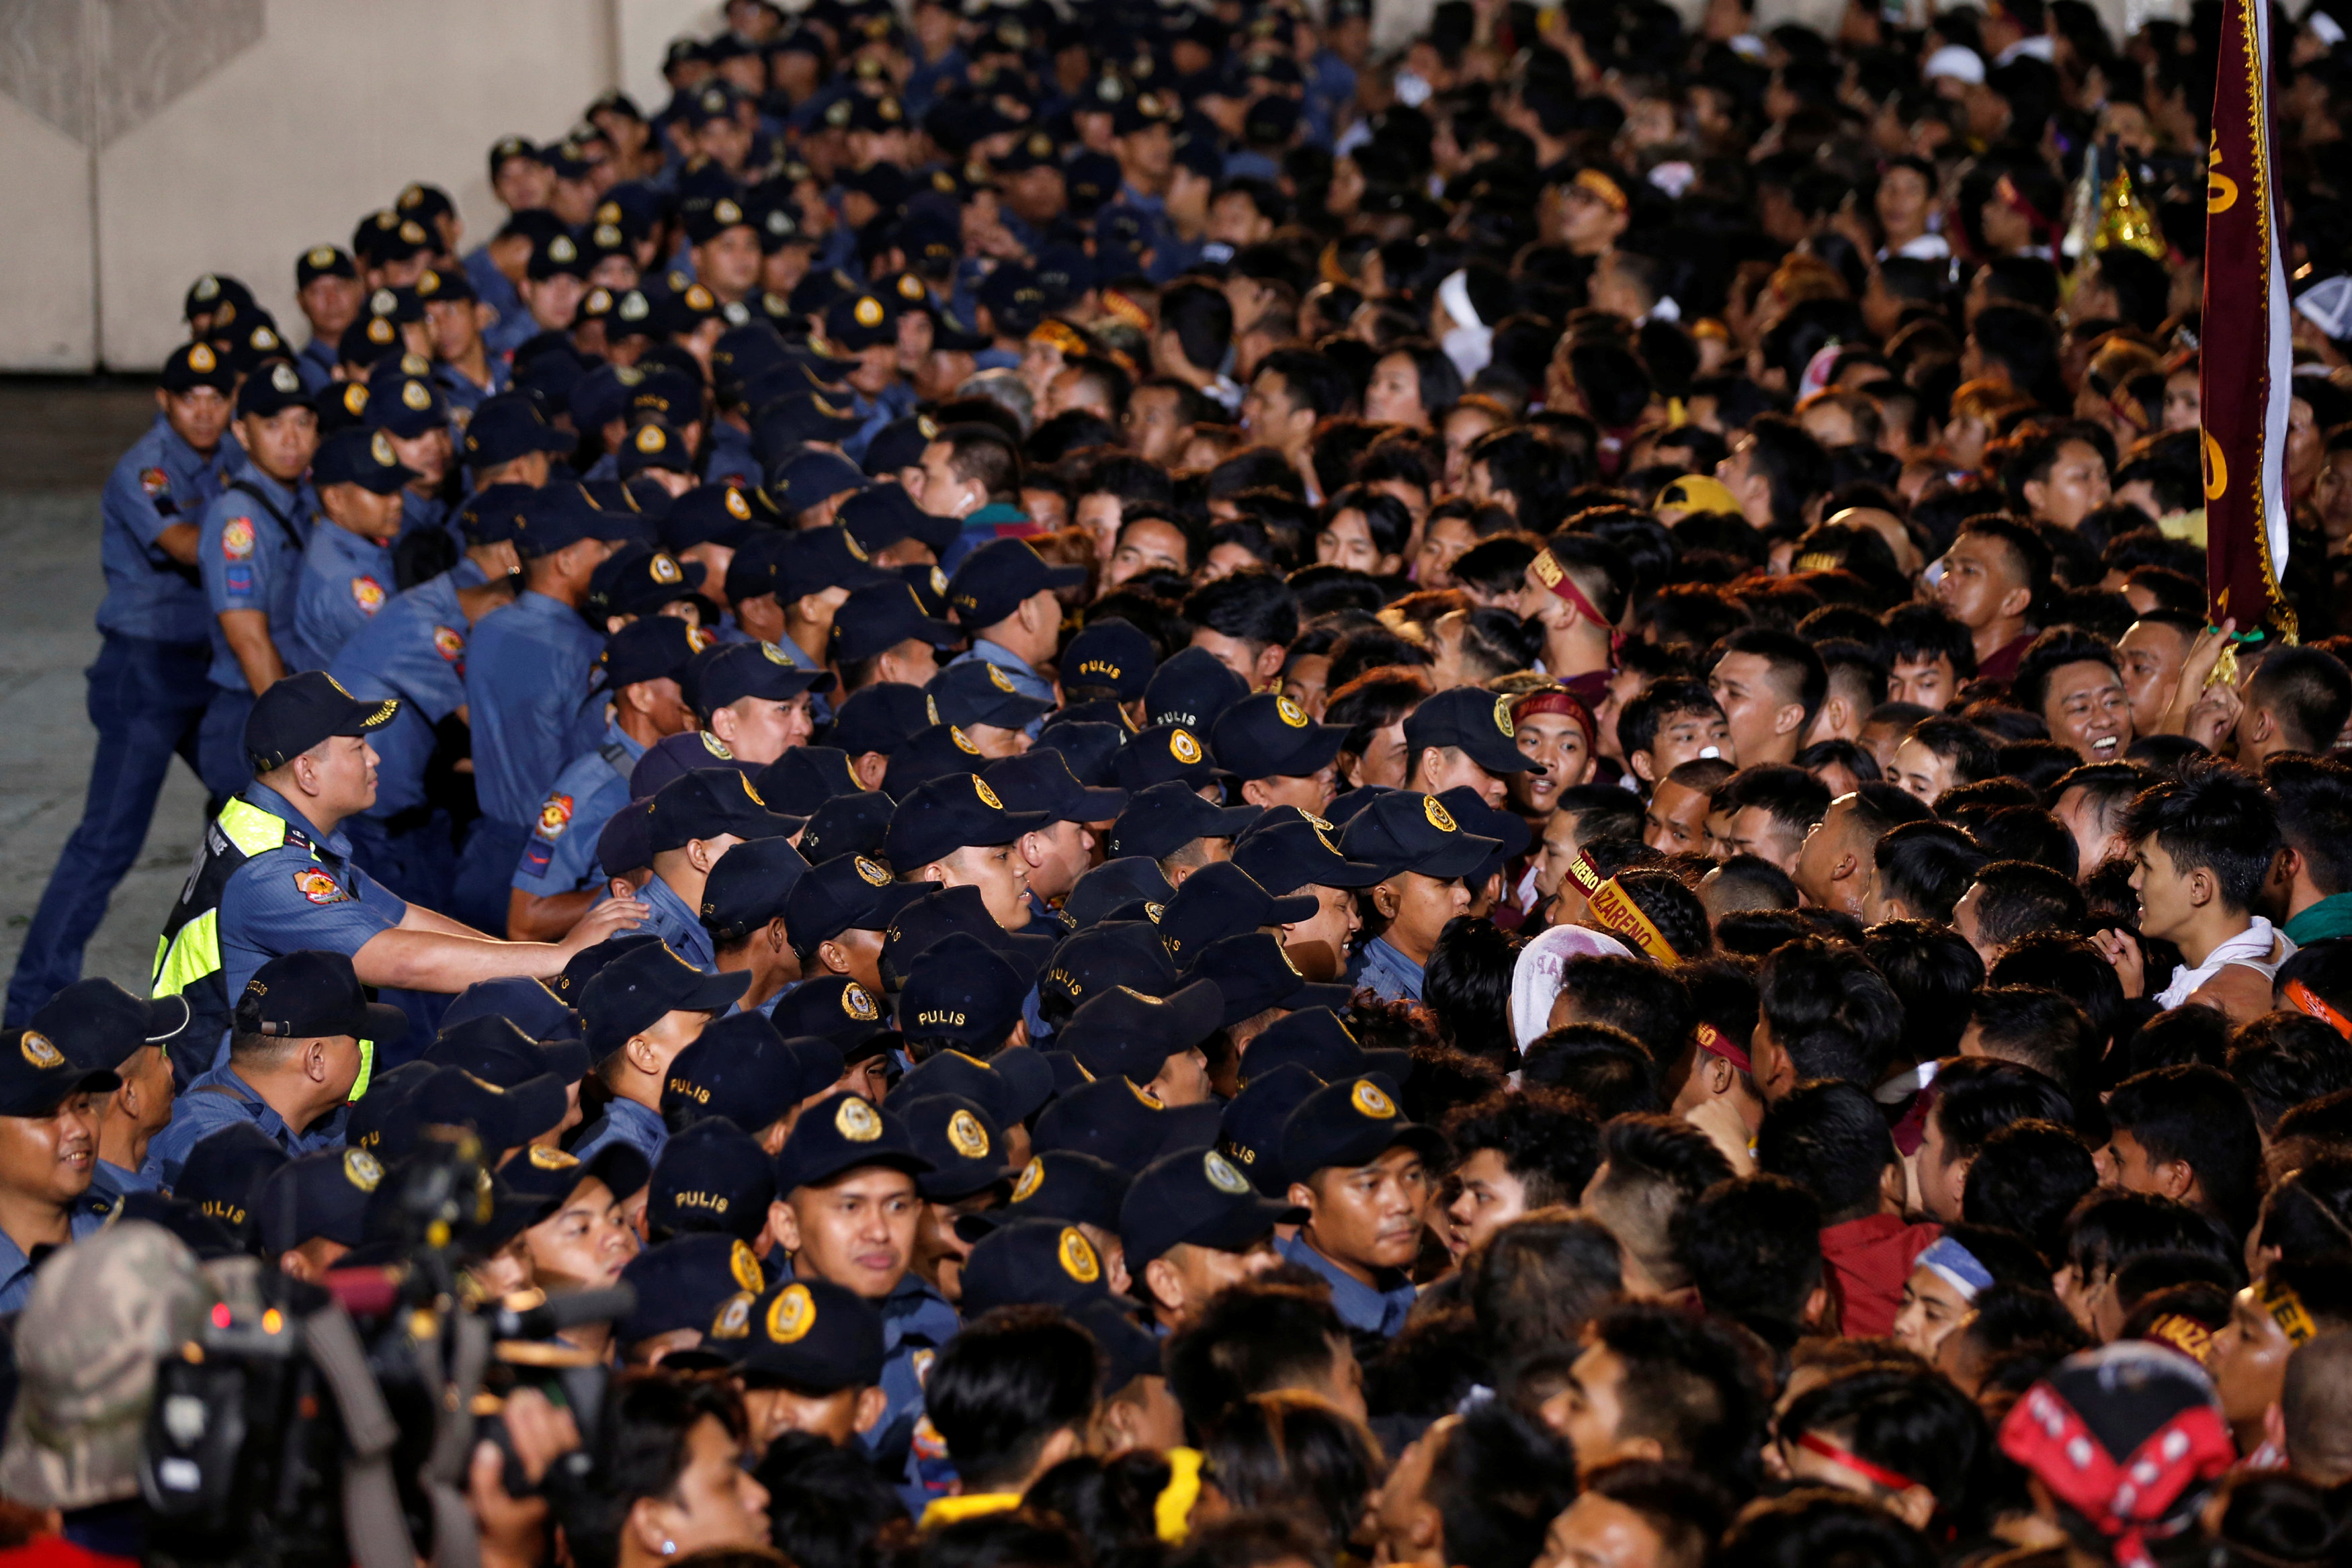 مسيرة الناصرى الأسود بمانيلا (21)